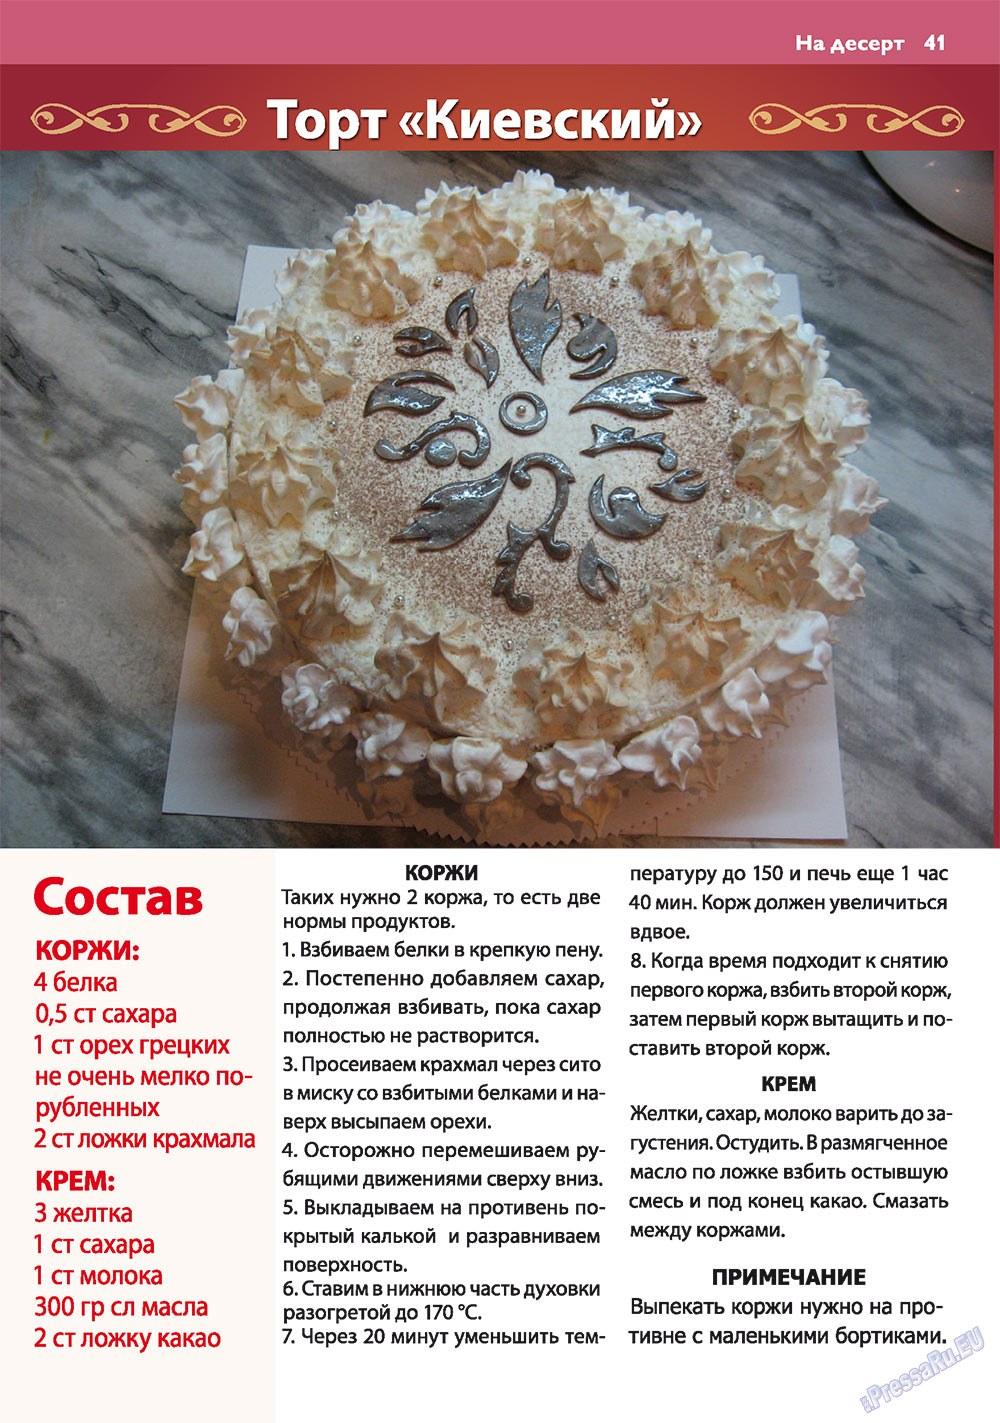 Апельсин (журнал). 2011 год, номер 20, стр. 41